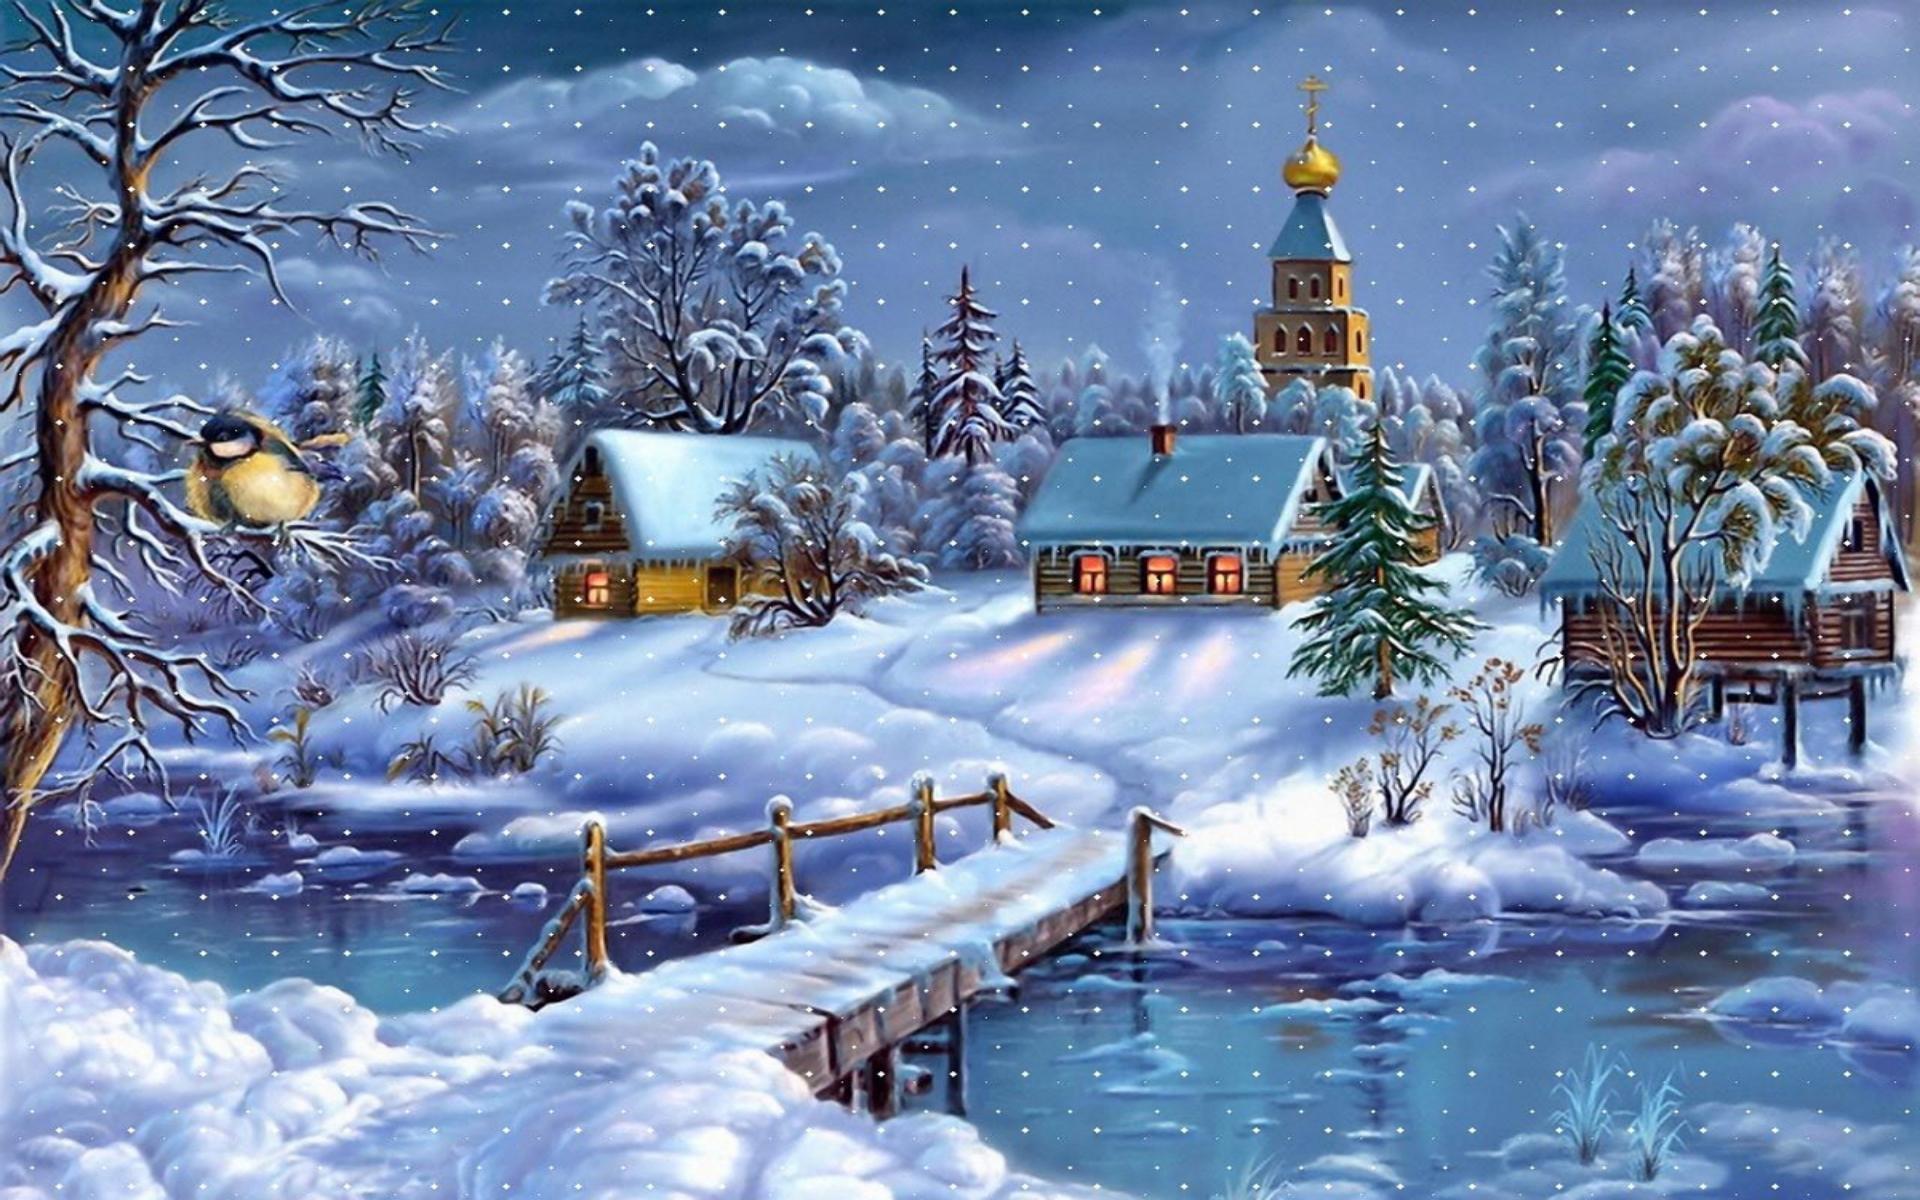 Fondo De Pantalla 3d De Navidad De Santa Vas De Luna Hd: 바탕화면 저장용 :: 바탕화면 1920x1200 No.32